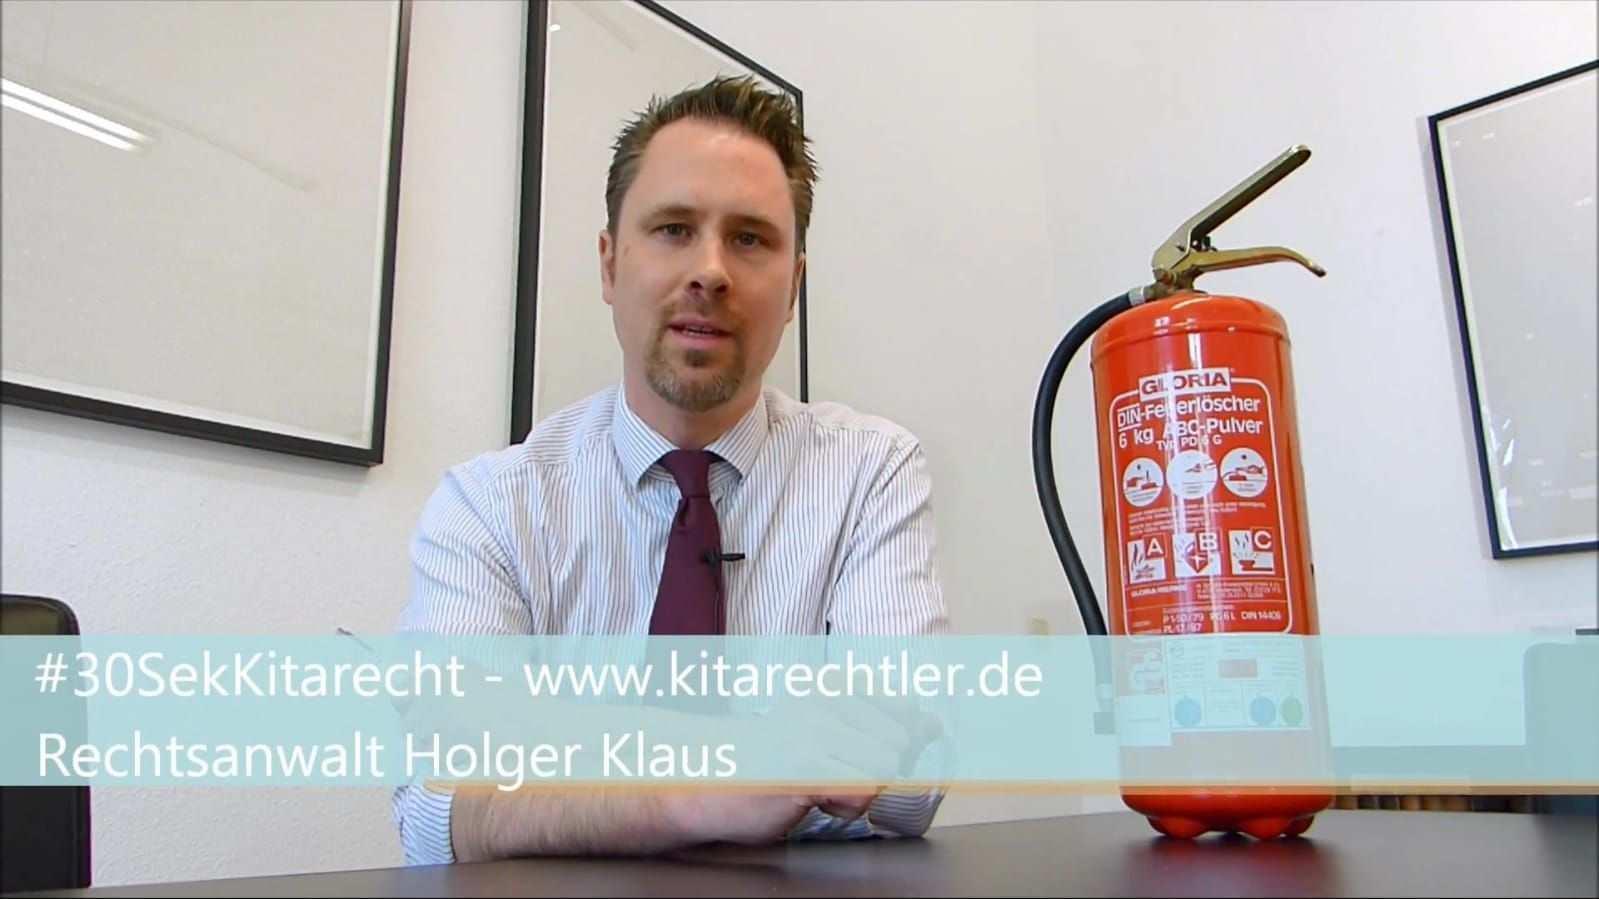 Brandschutz Und Arbeitssicherheit In Der Kita In 2020 Brandschutz Kita Leitung Kita